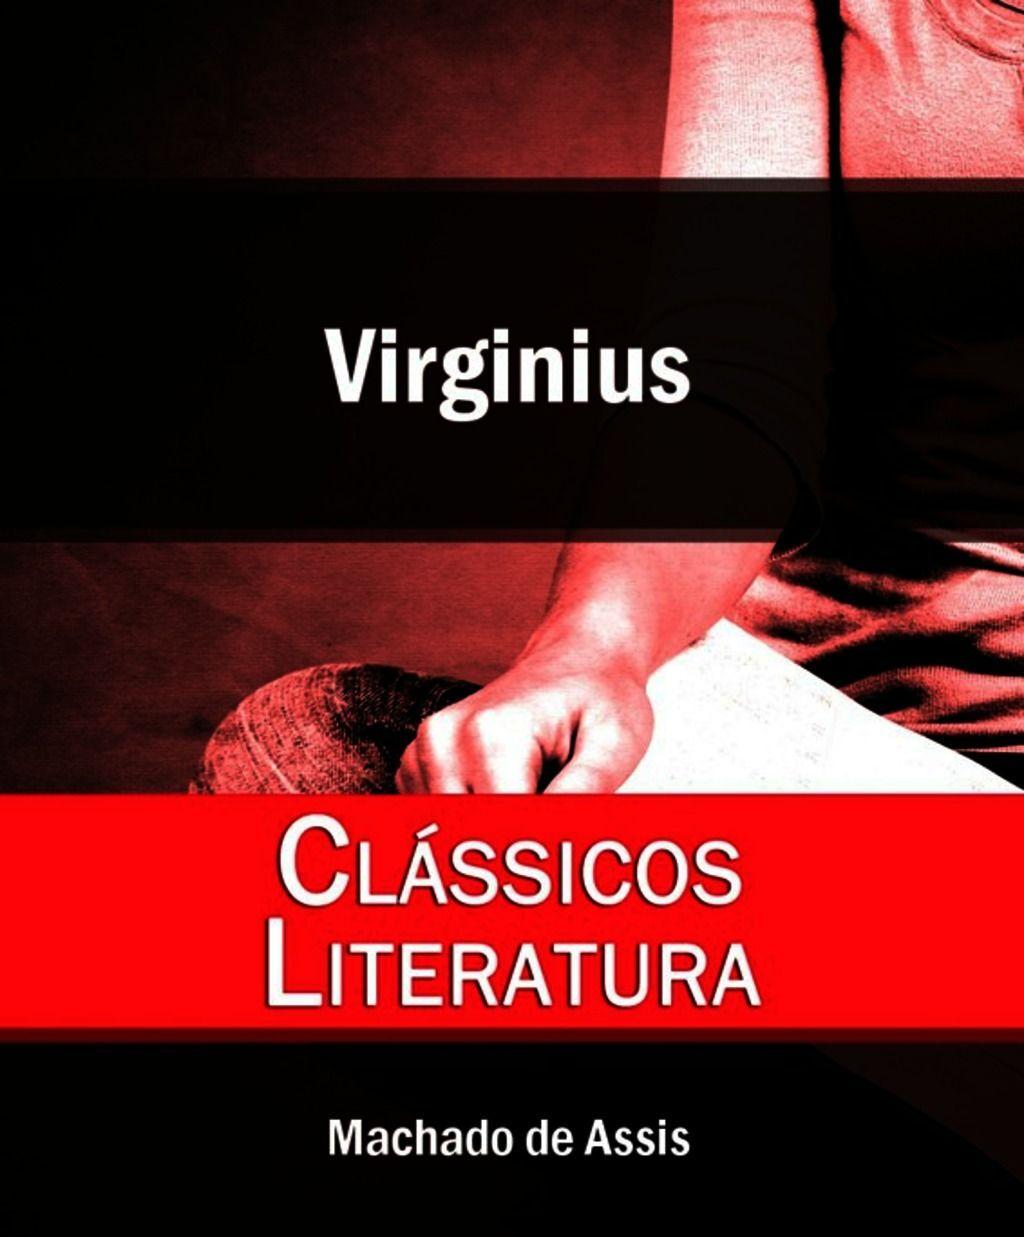 Virginius